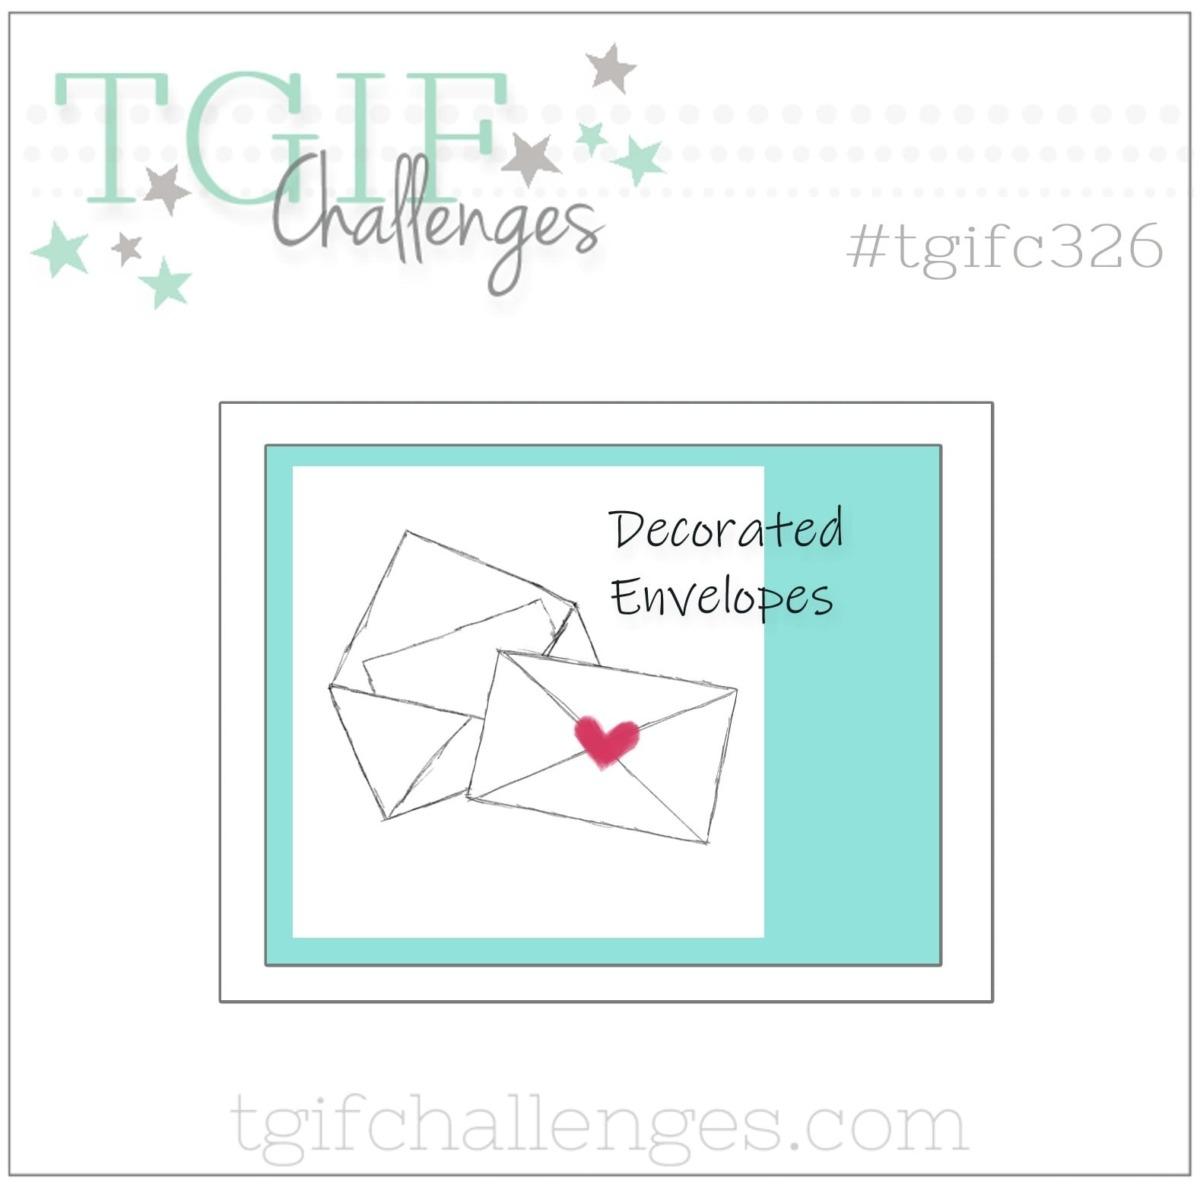 TGIFC326 - Inspiration - Decorated Envelopes